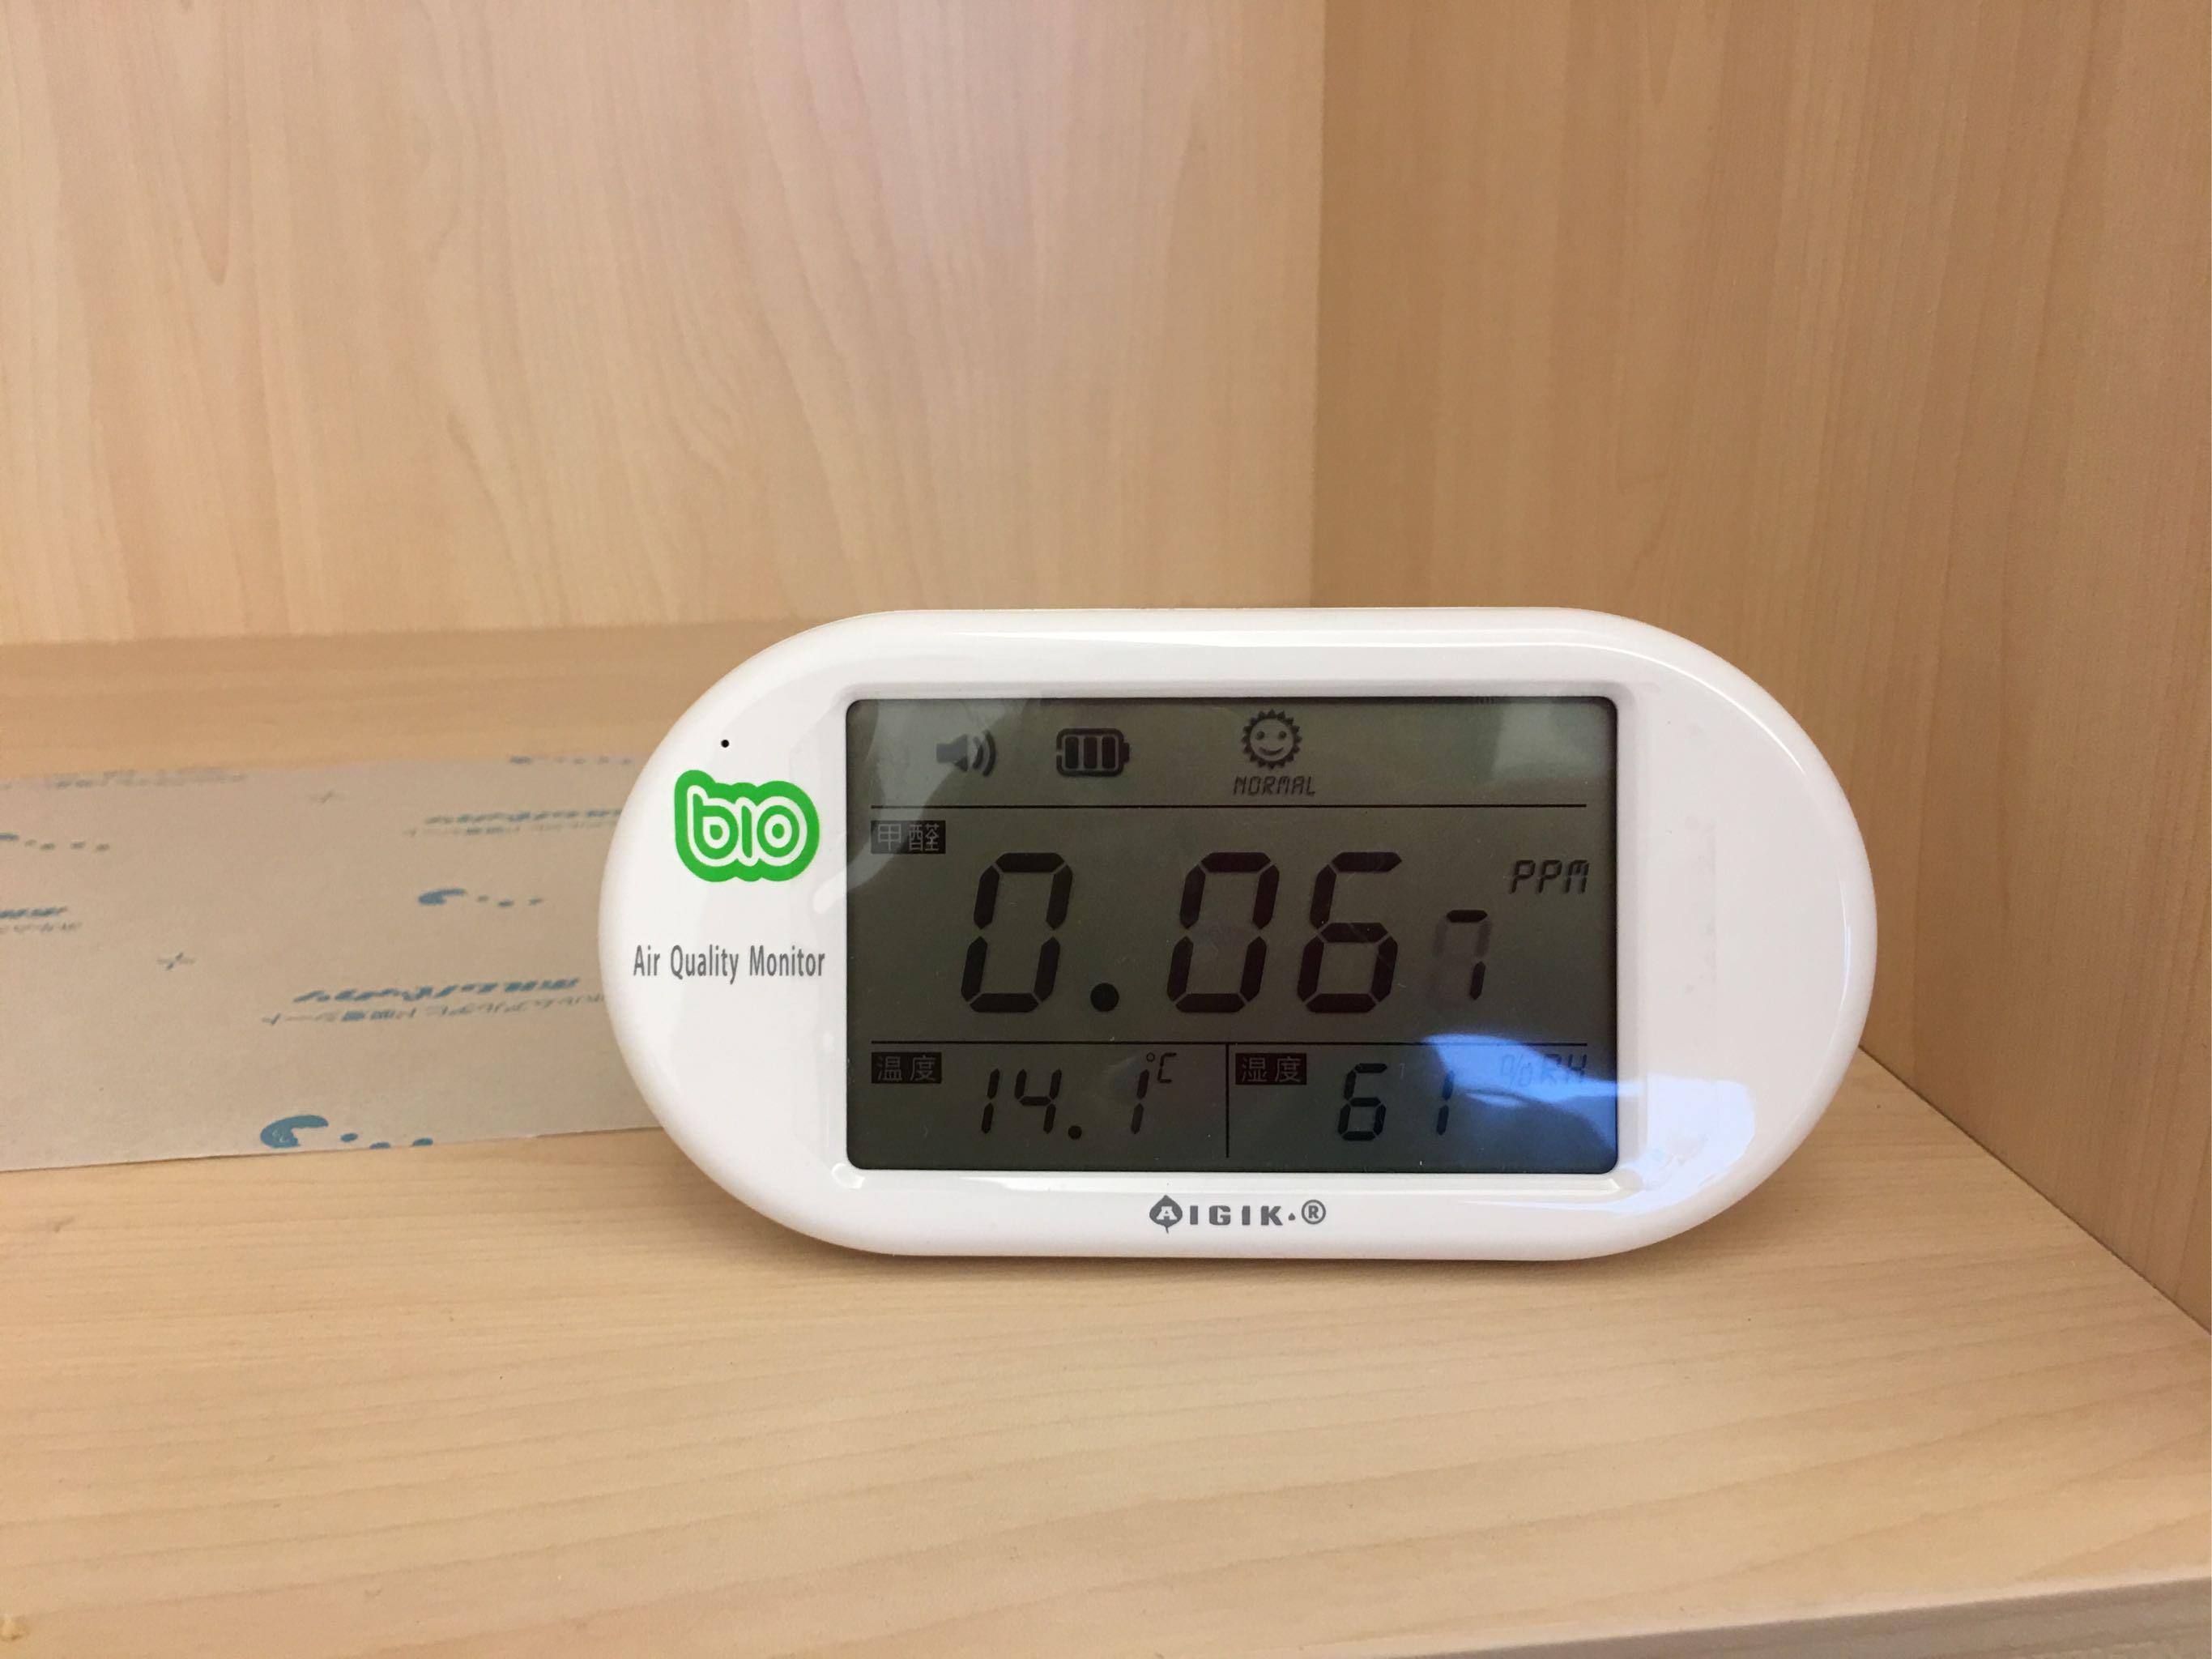 亲测柜子甲醛从0.06降到0.02,说明甲醛吸附纸很有效果